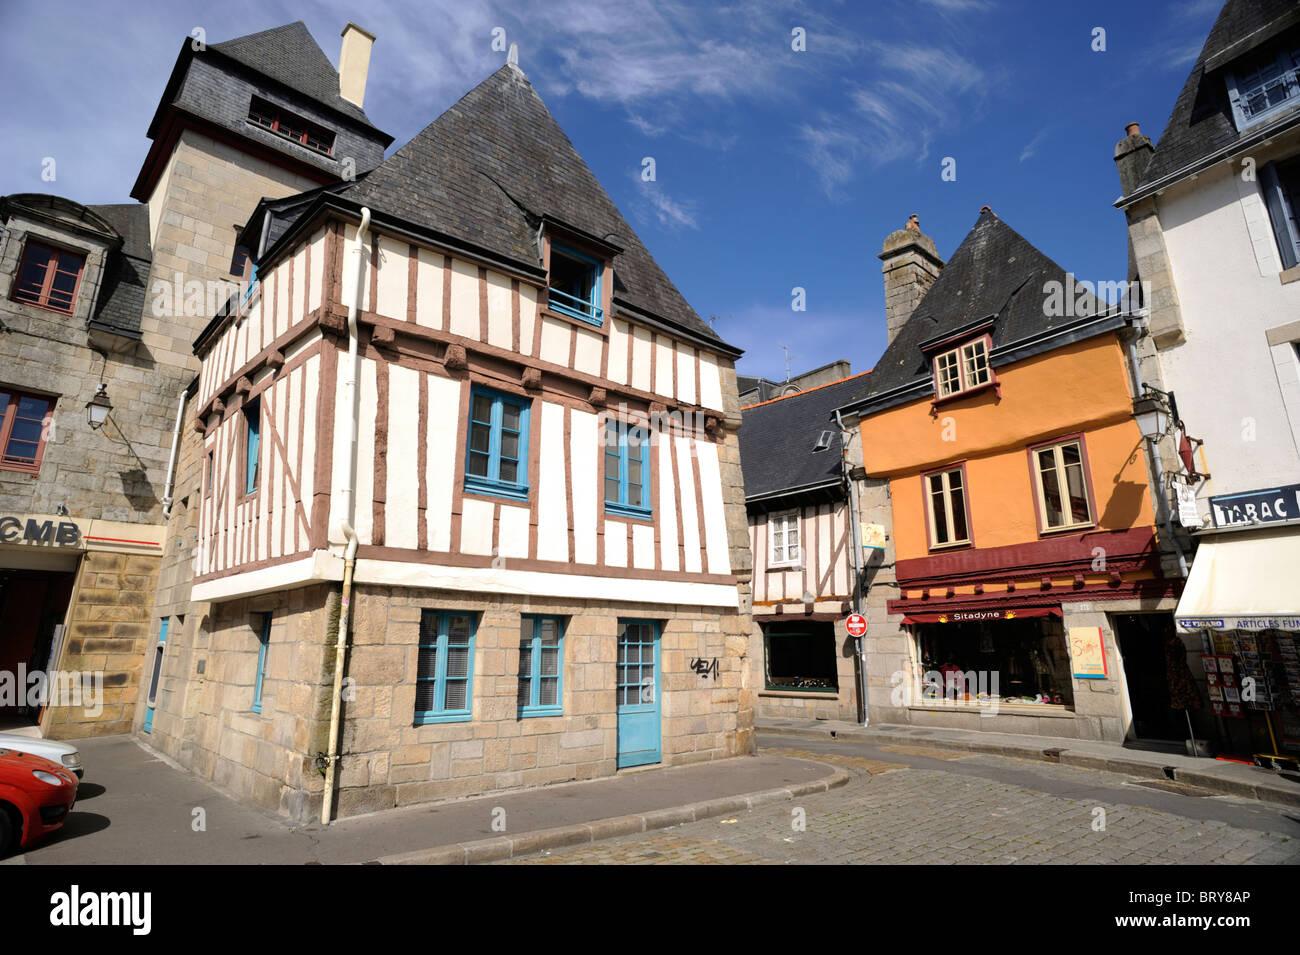 France, Bretagne (Bretagne), finistere, quimper, maisons à colombages Photo Stock